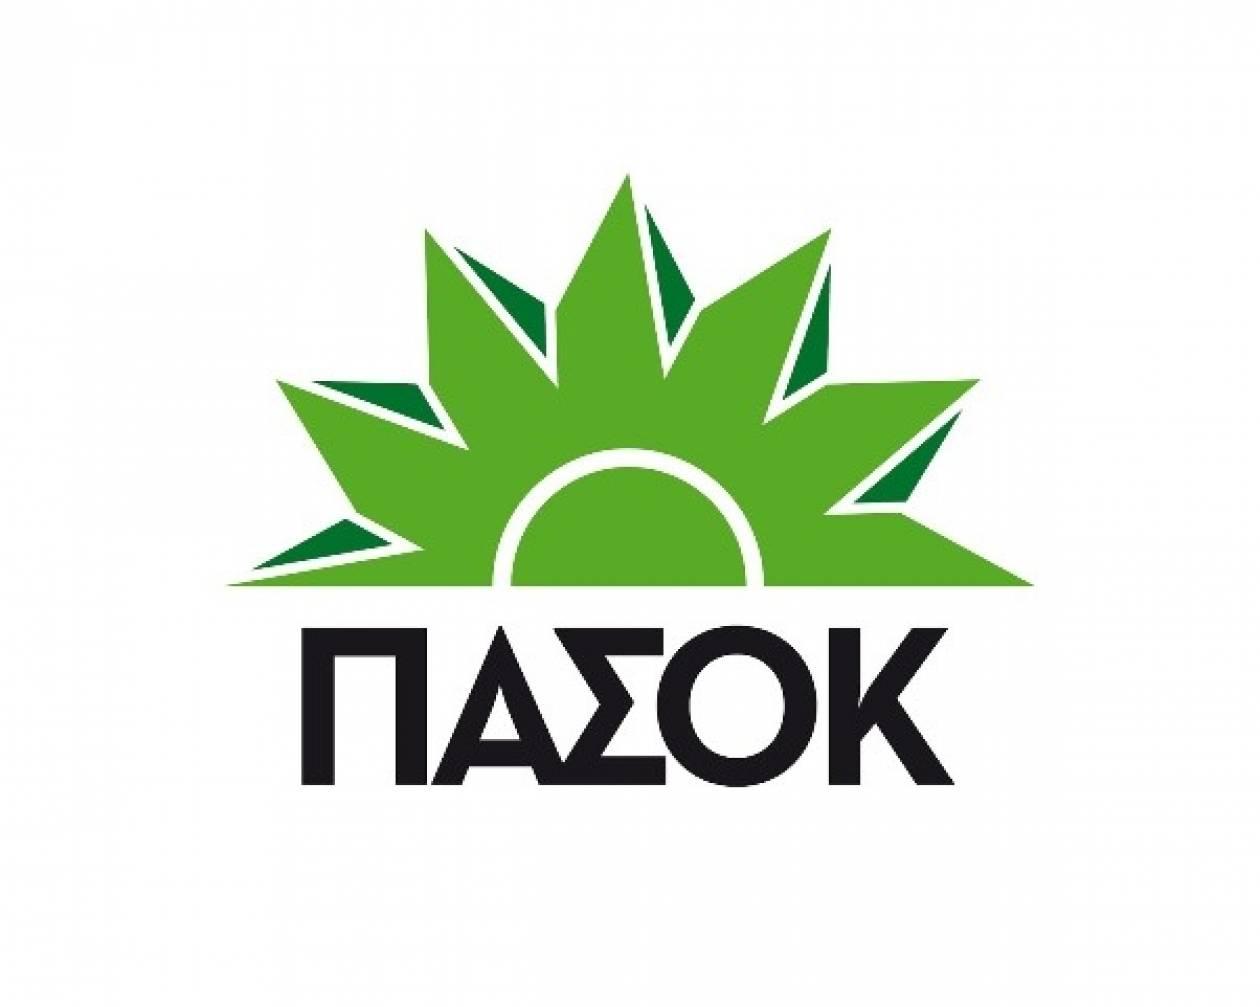 ΠΑΣΟΚ: Ο Τσίπρας θα μας φέρει σε σύγκρουση με τα μέλη της ευρωζώνης